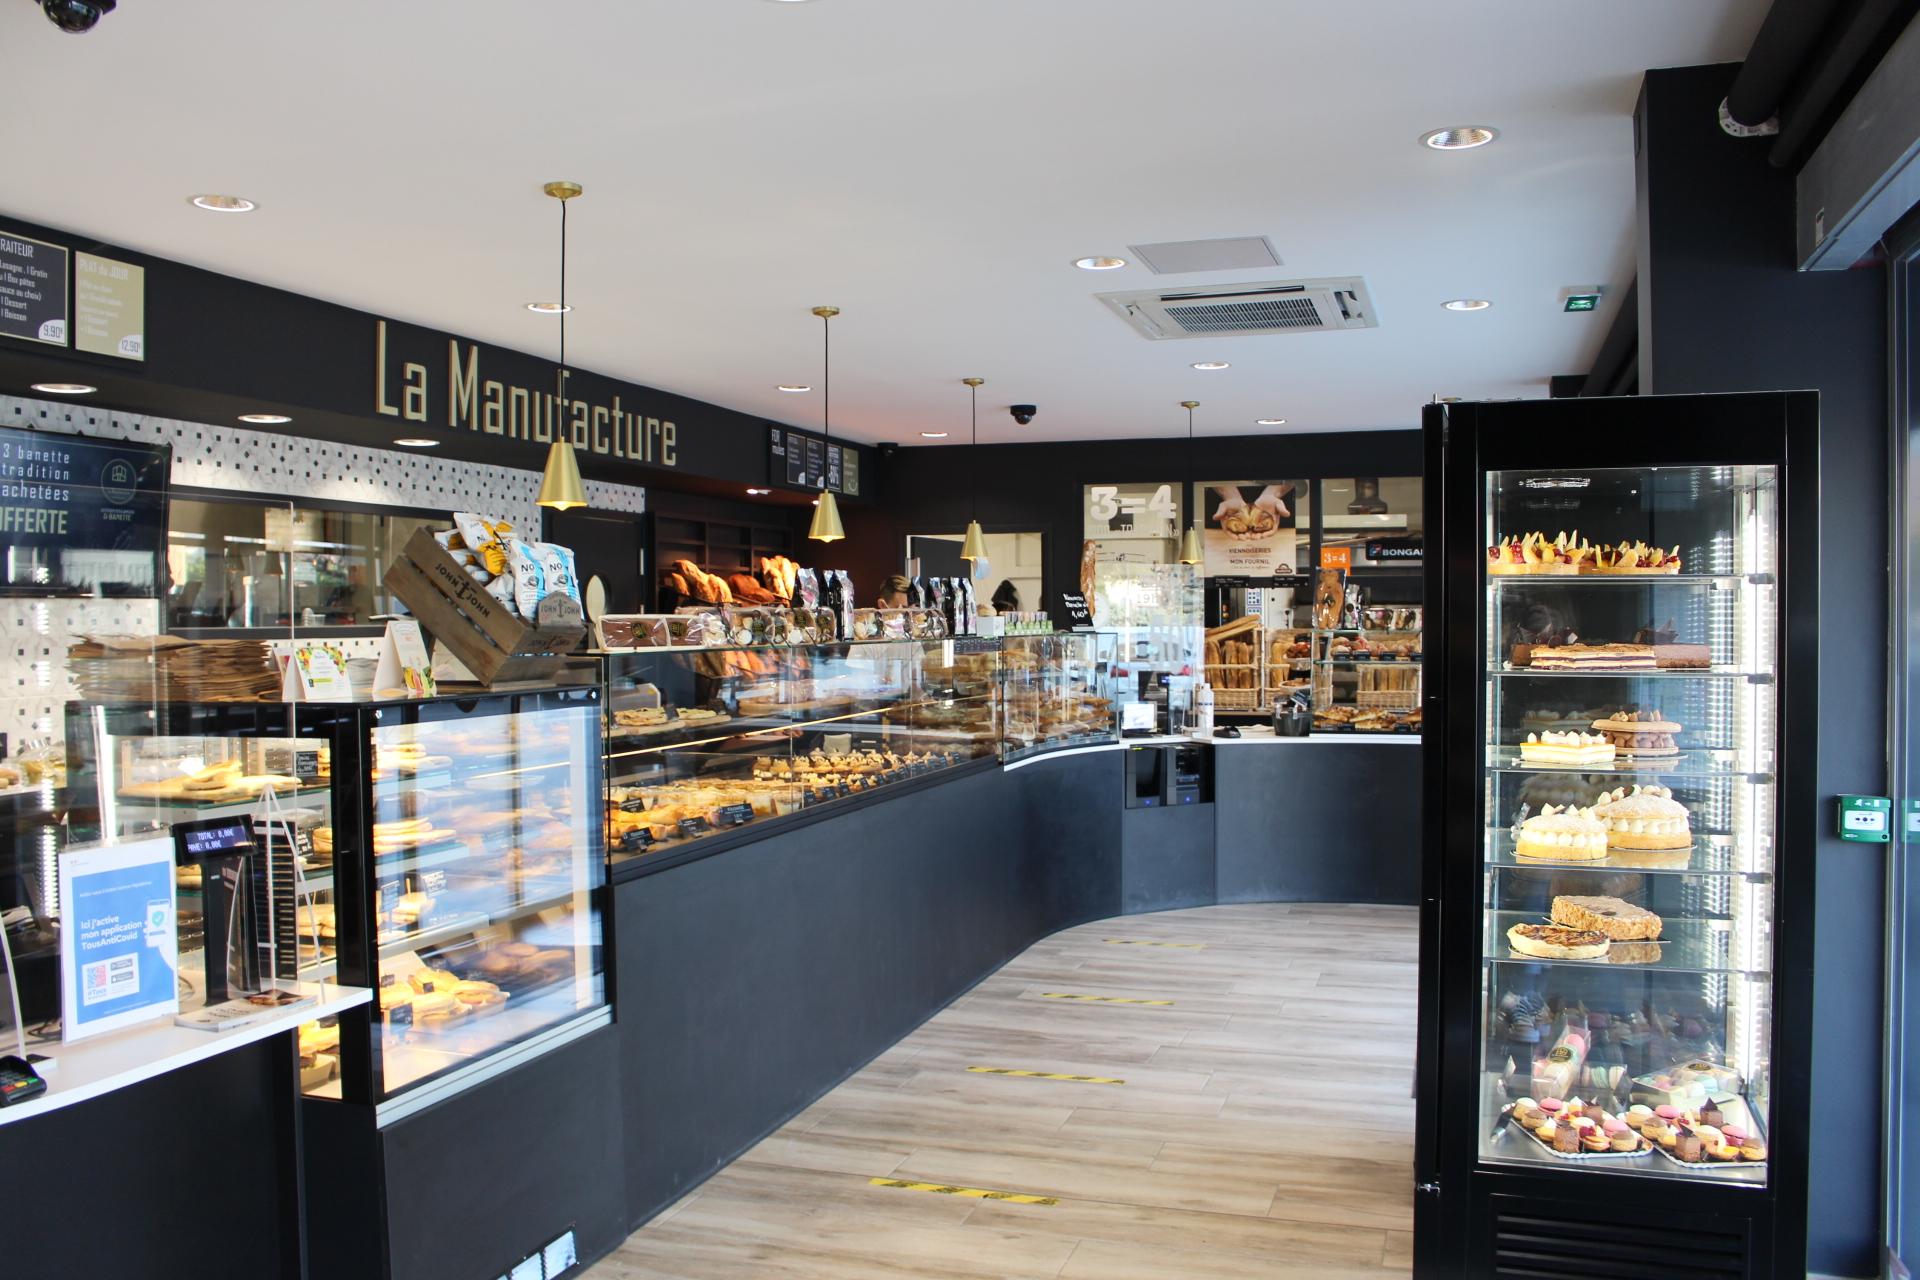 rénovation de la boulangerie La Manufacture